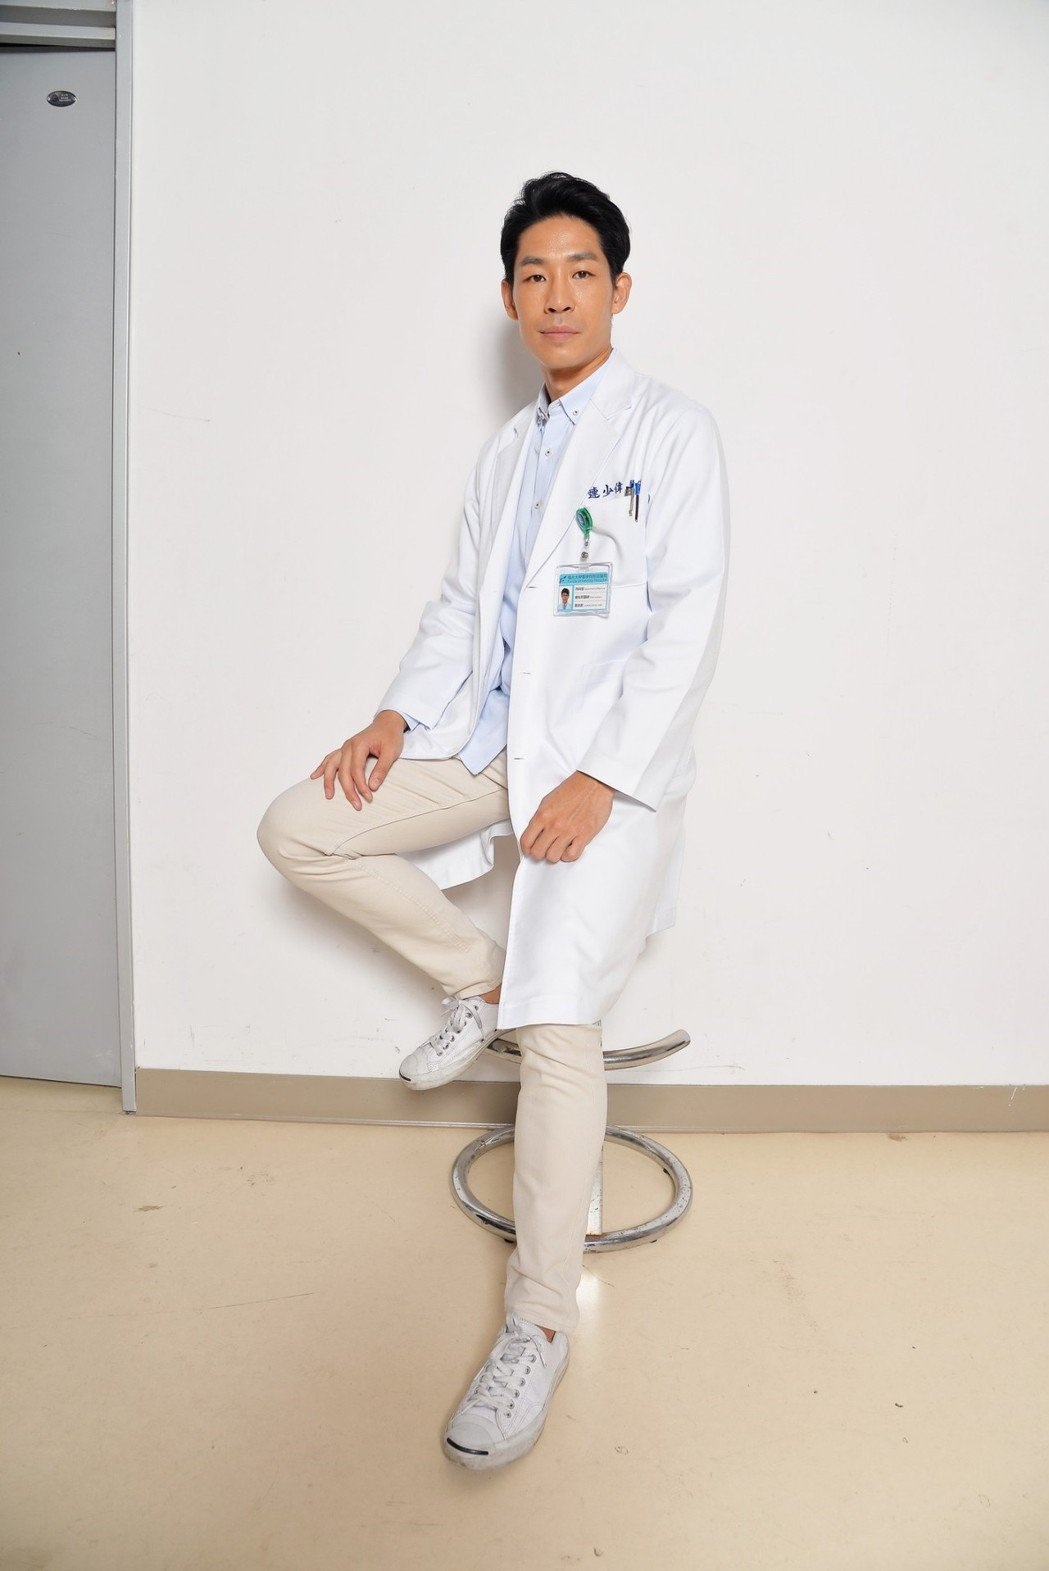 藍鈞天演整形醫生。圖/民視提供